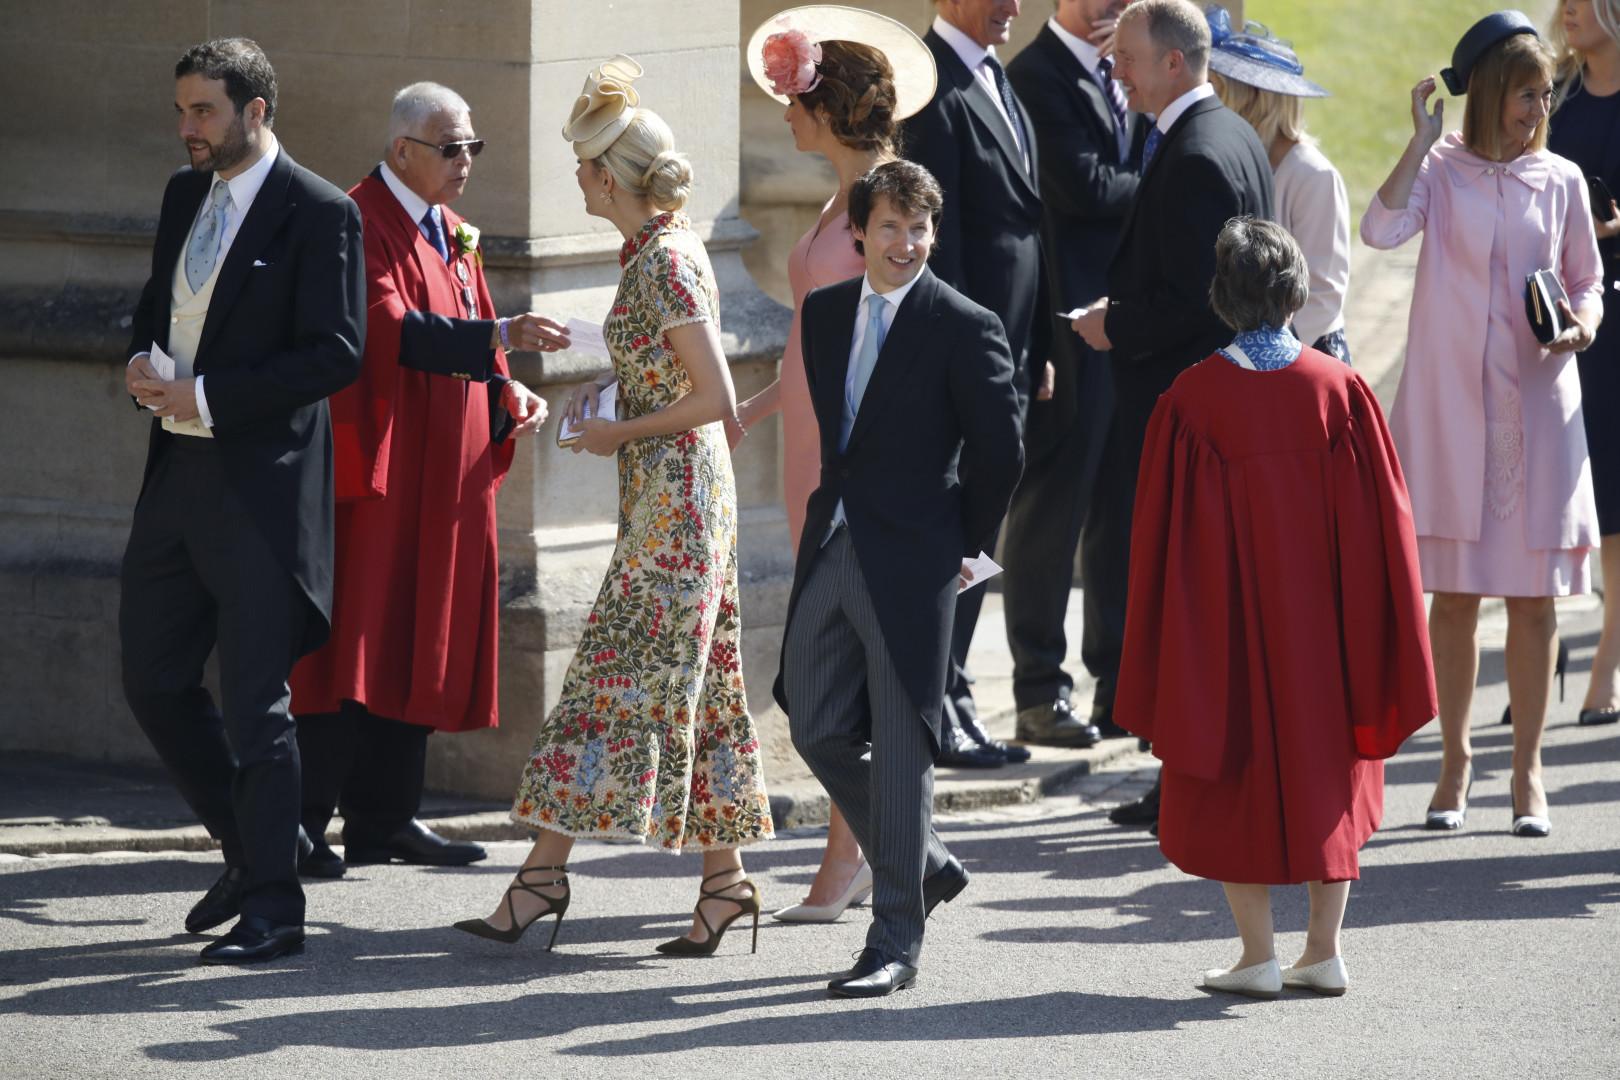 Le chanteur James Blunt et de nombreuses personnalités arrivent à la chapelle Saint-George